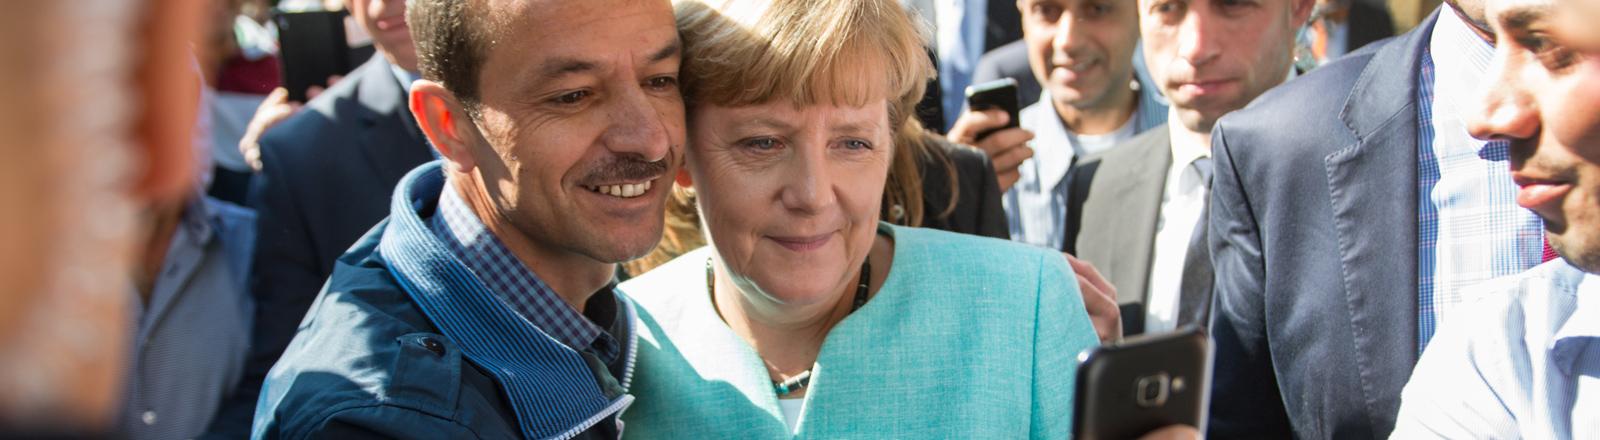 Bundeskanzlerin Angela Merkel (CDU) lässt sich am 10.09.2015 nach dem Besuch einer Erstaufnahmeeinrichtung für Asylbewerber der Arbeiterwohlfahrt (AWO) und der Außenstelle des Bundesamtes für Migration und Flüchtlinge in Berlin-Spandau für ein Selfie zusammen mit einem Flüchtling fotografieren.